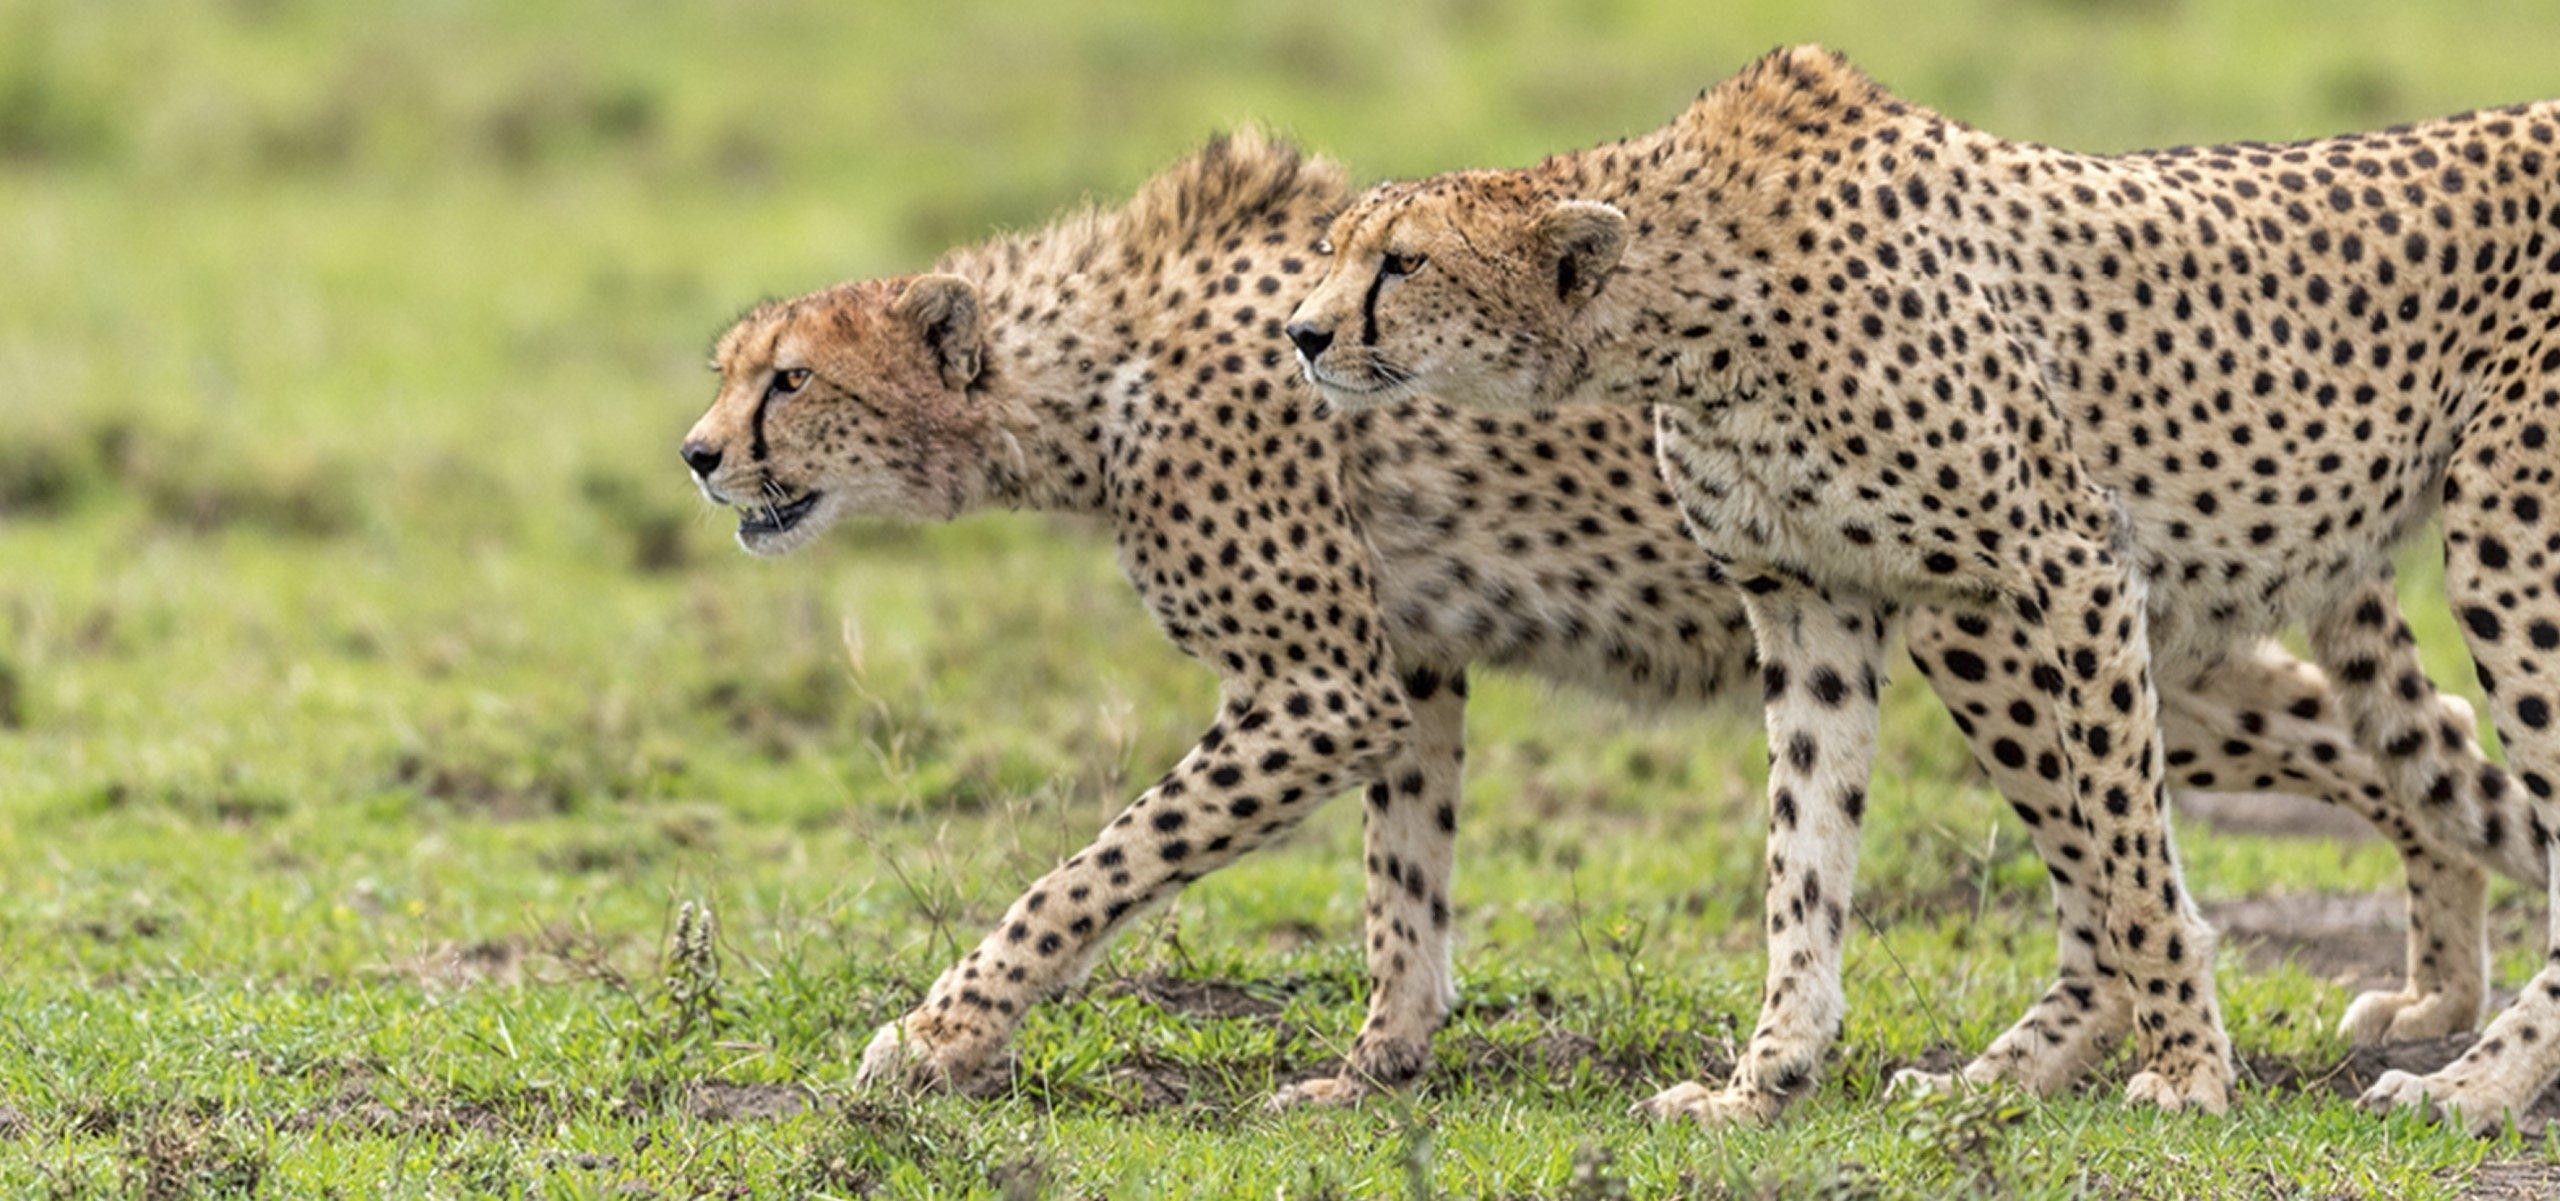 Tanzania - Serengeti Cheetah